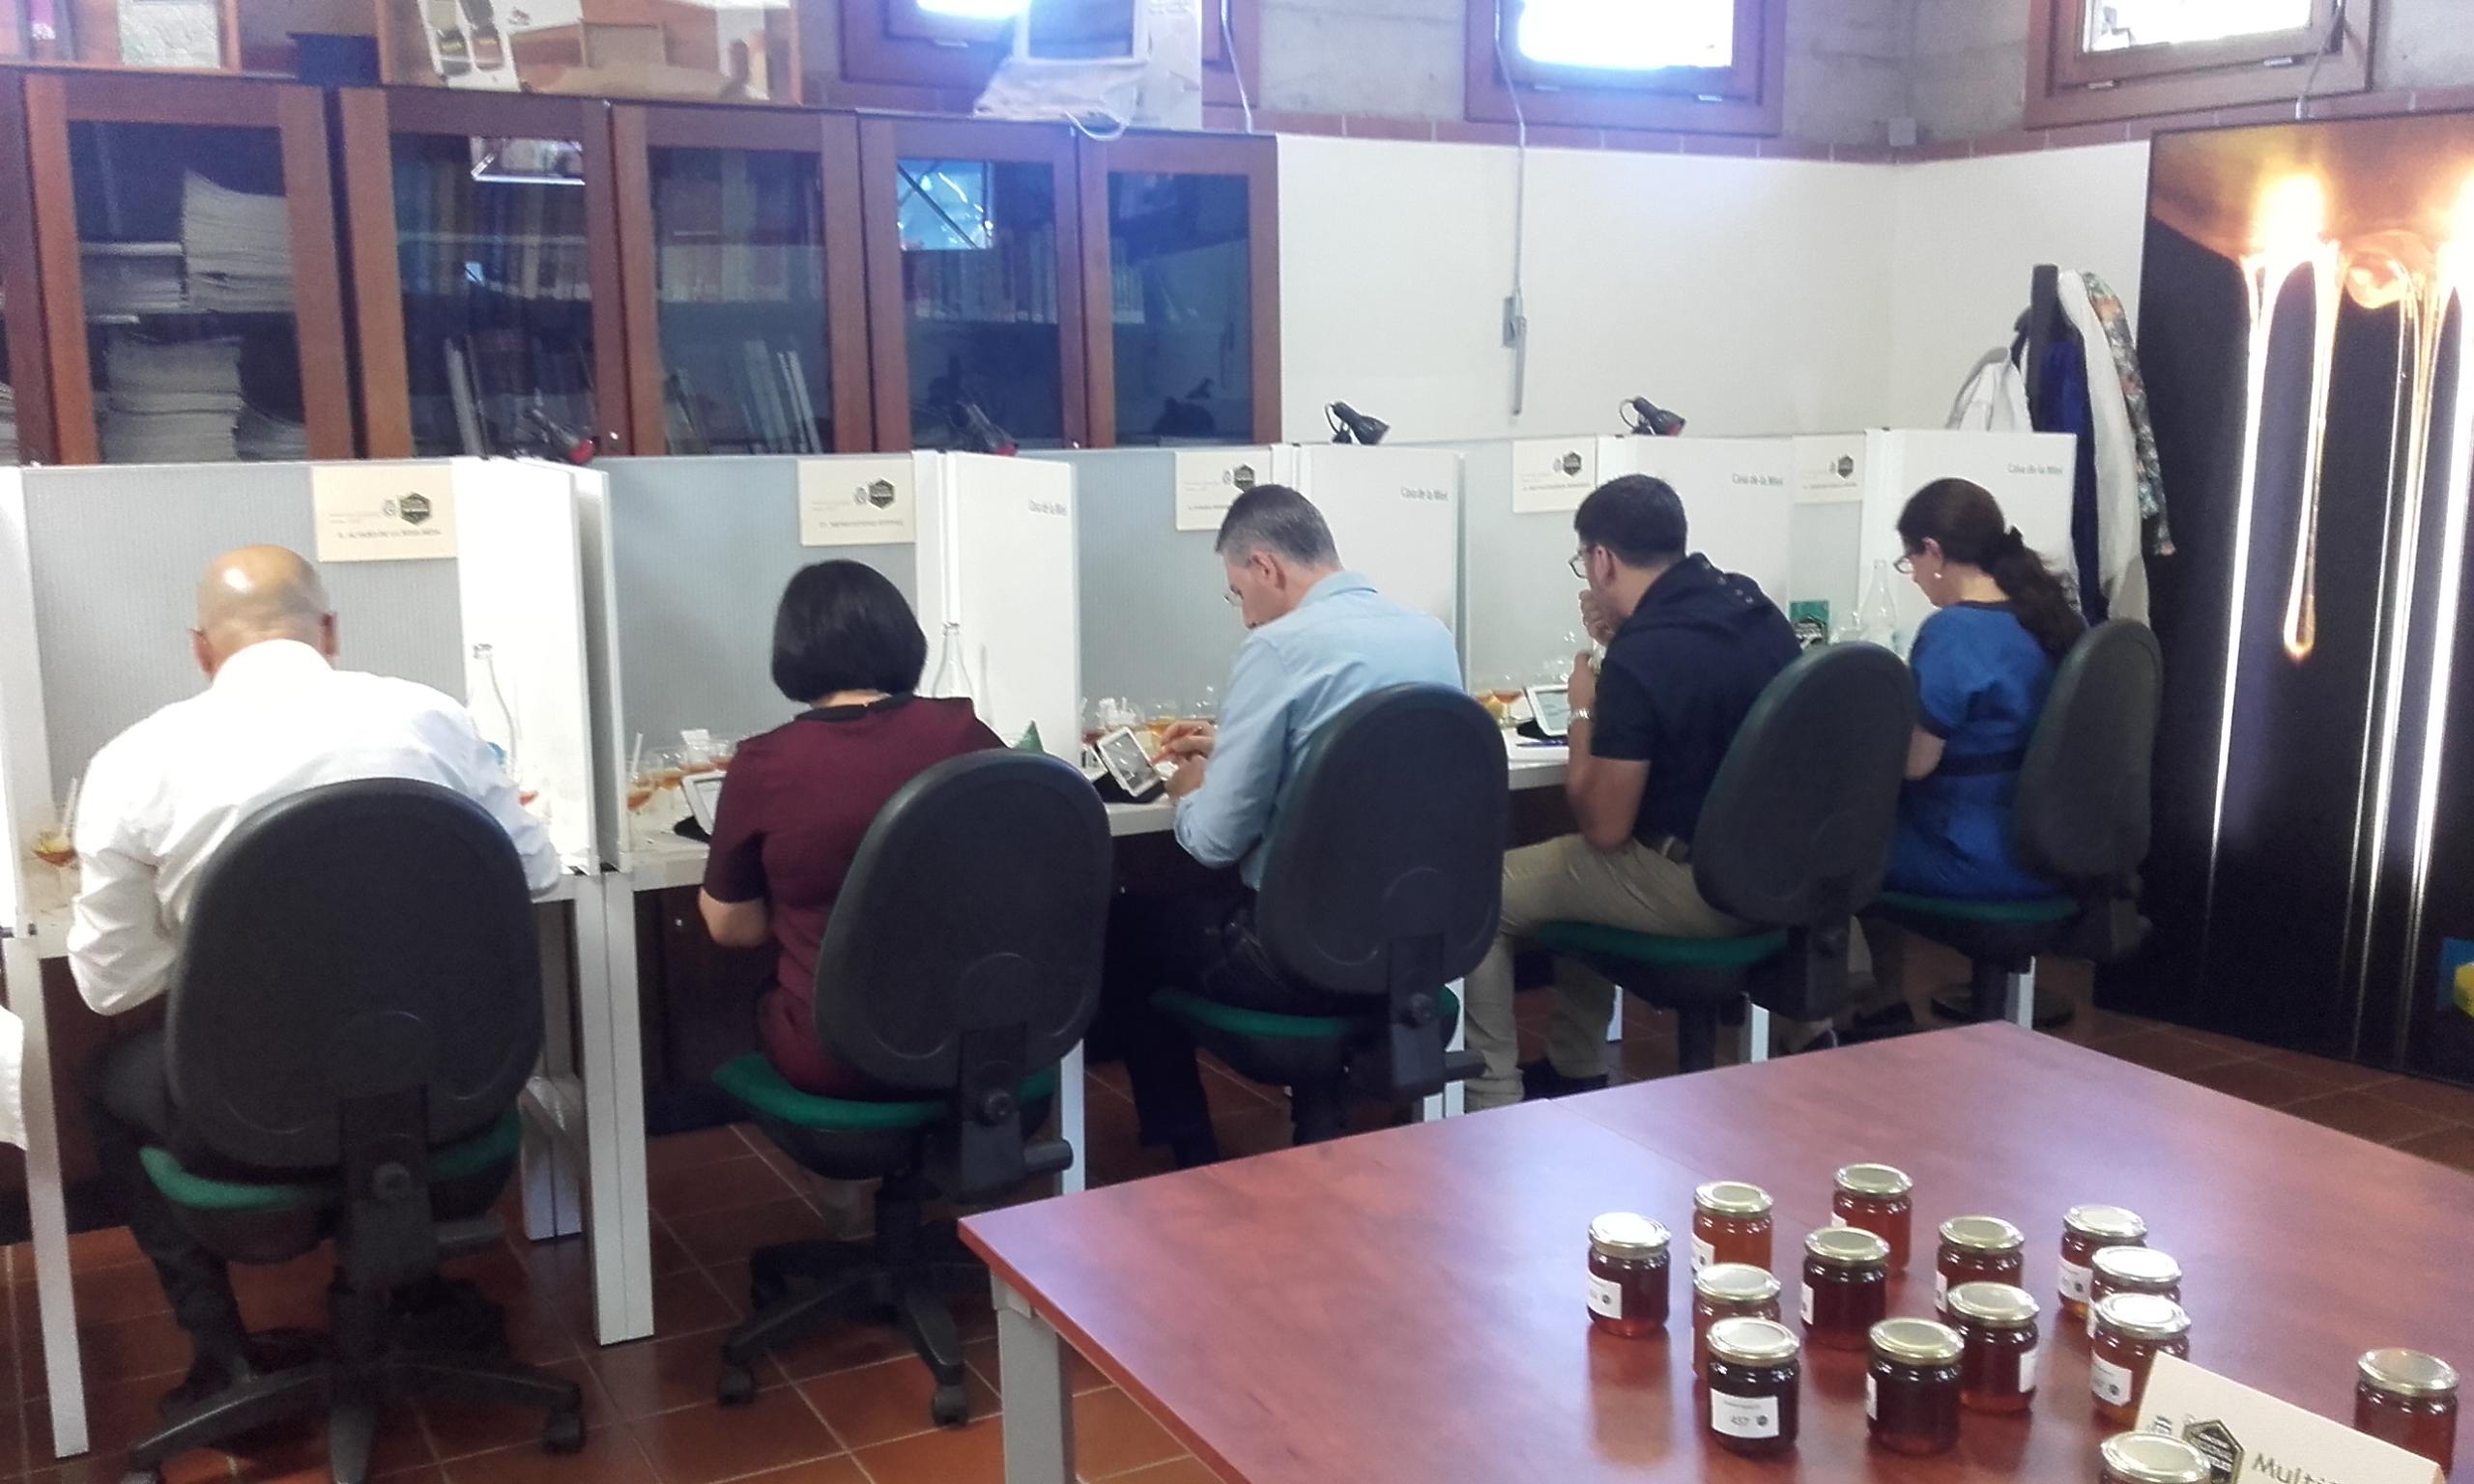 CAta de miel,  XIX concurso de mieles casa de la miel